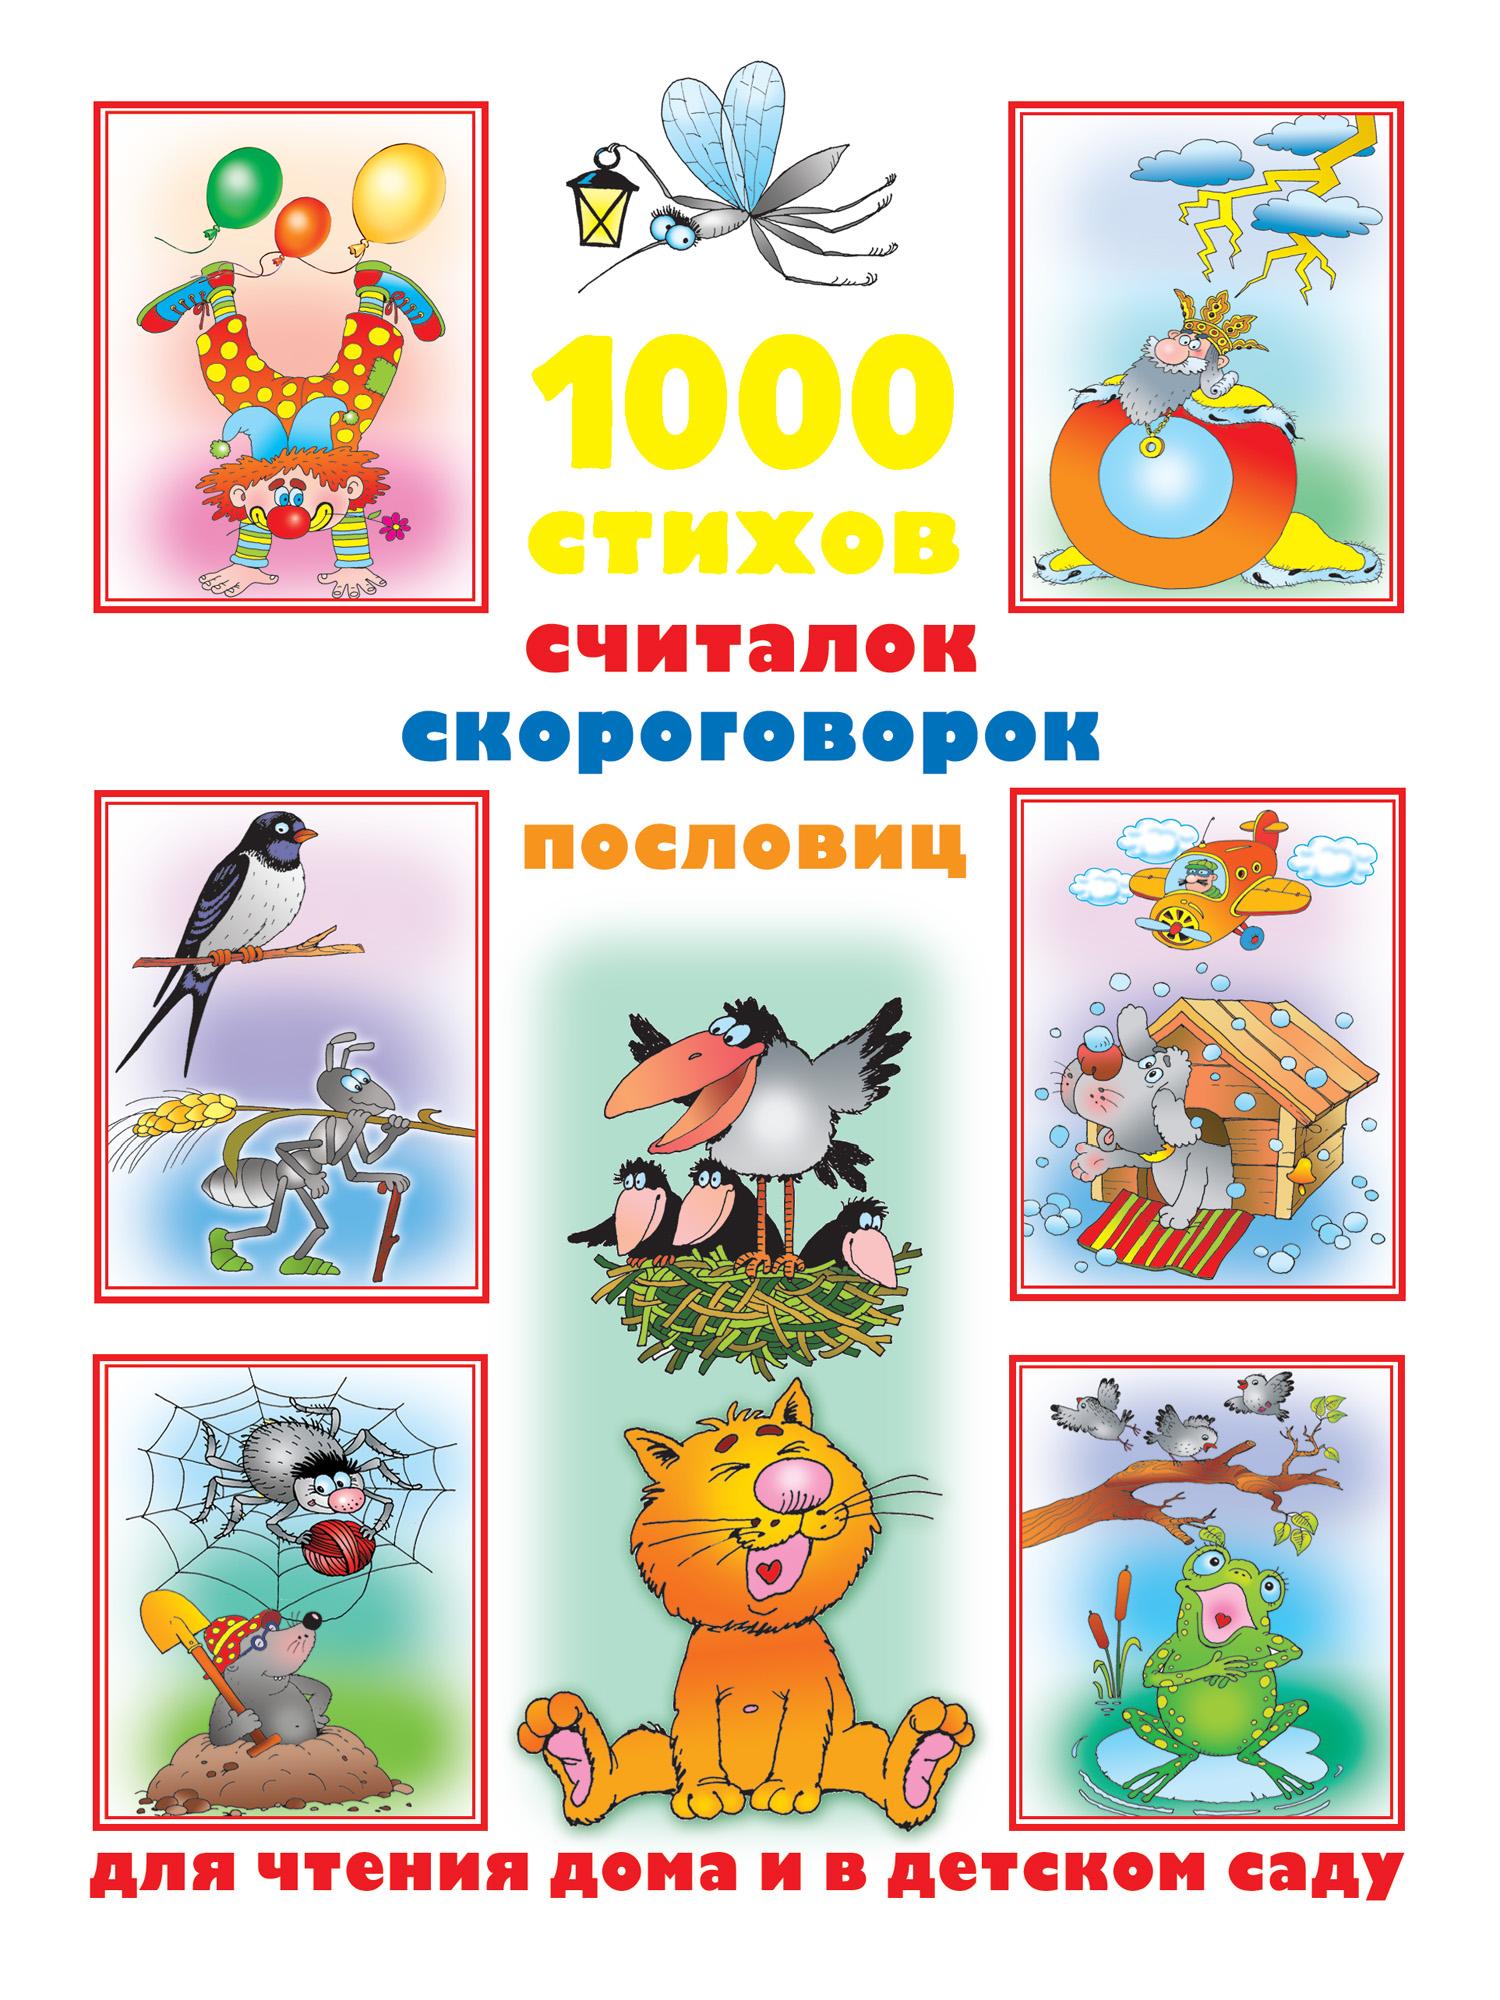 Отсутствует 1000 стихов, считалок, скороговорок, пословиц для чтения дома и в детском саду